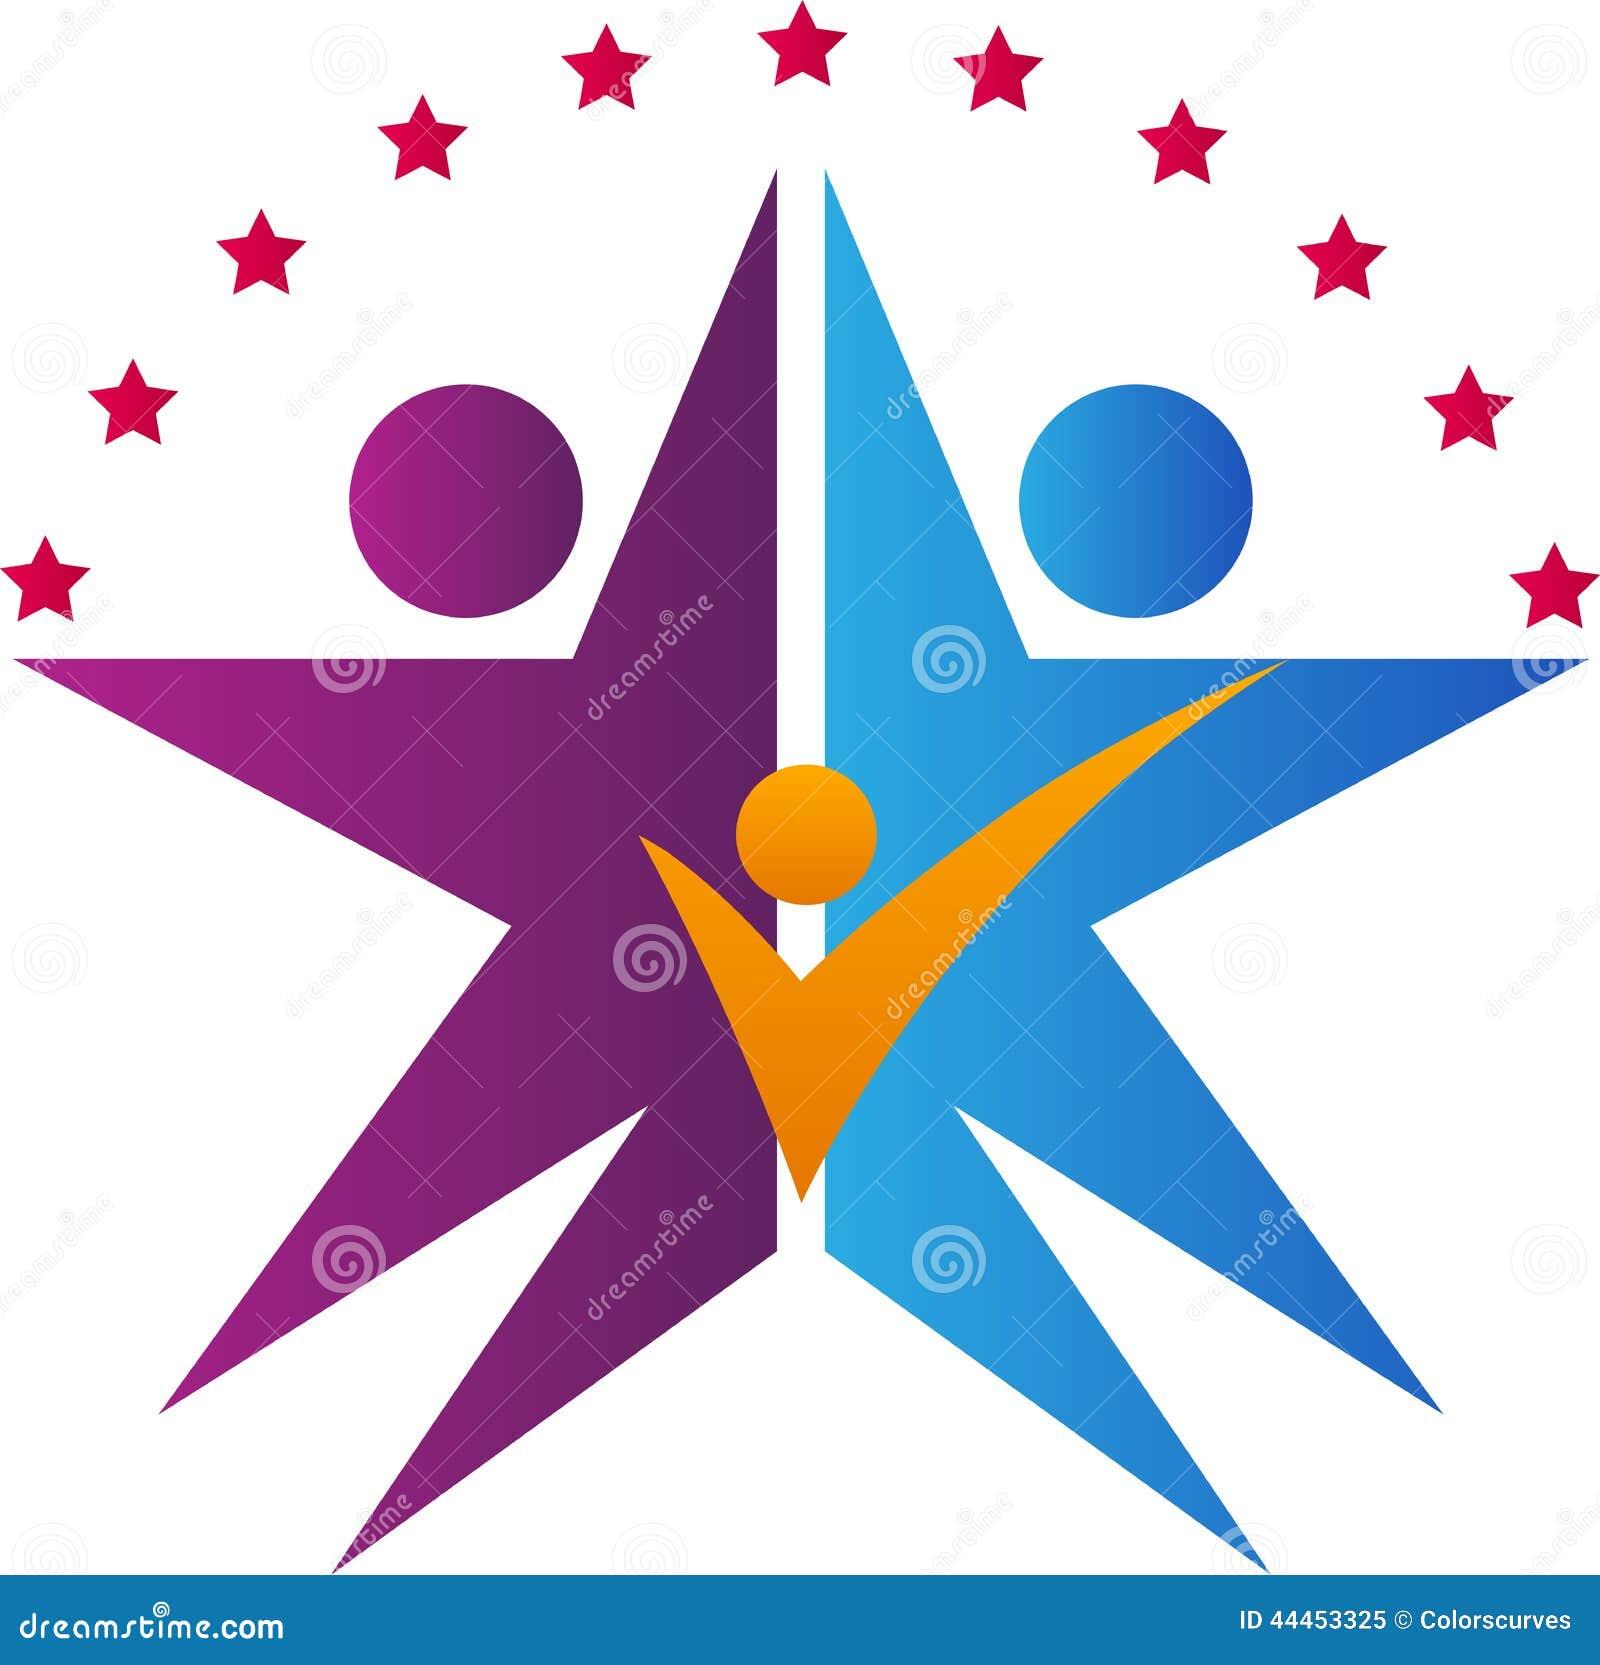 star family logo stock vector illustration of hope